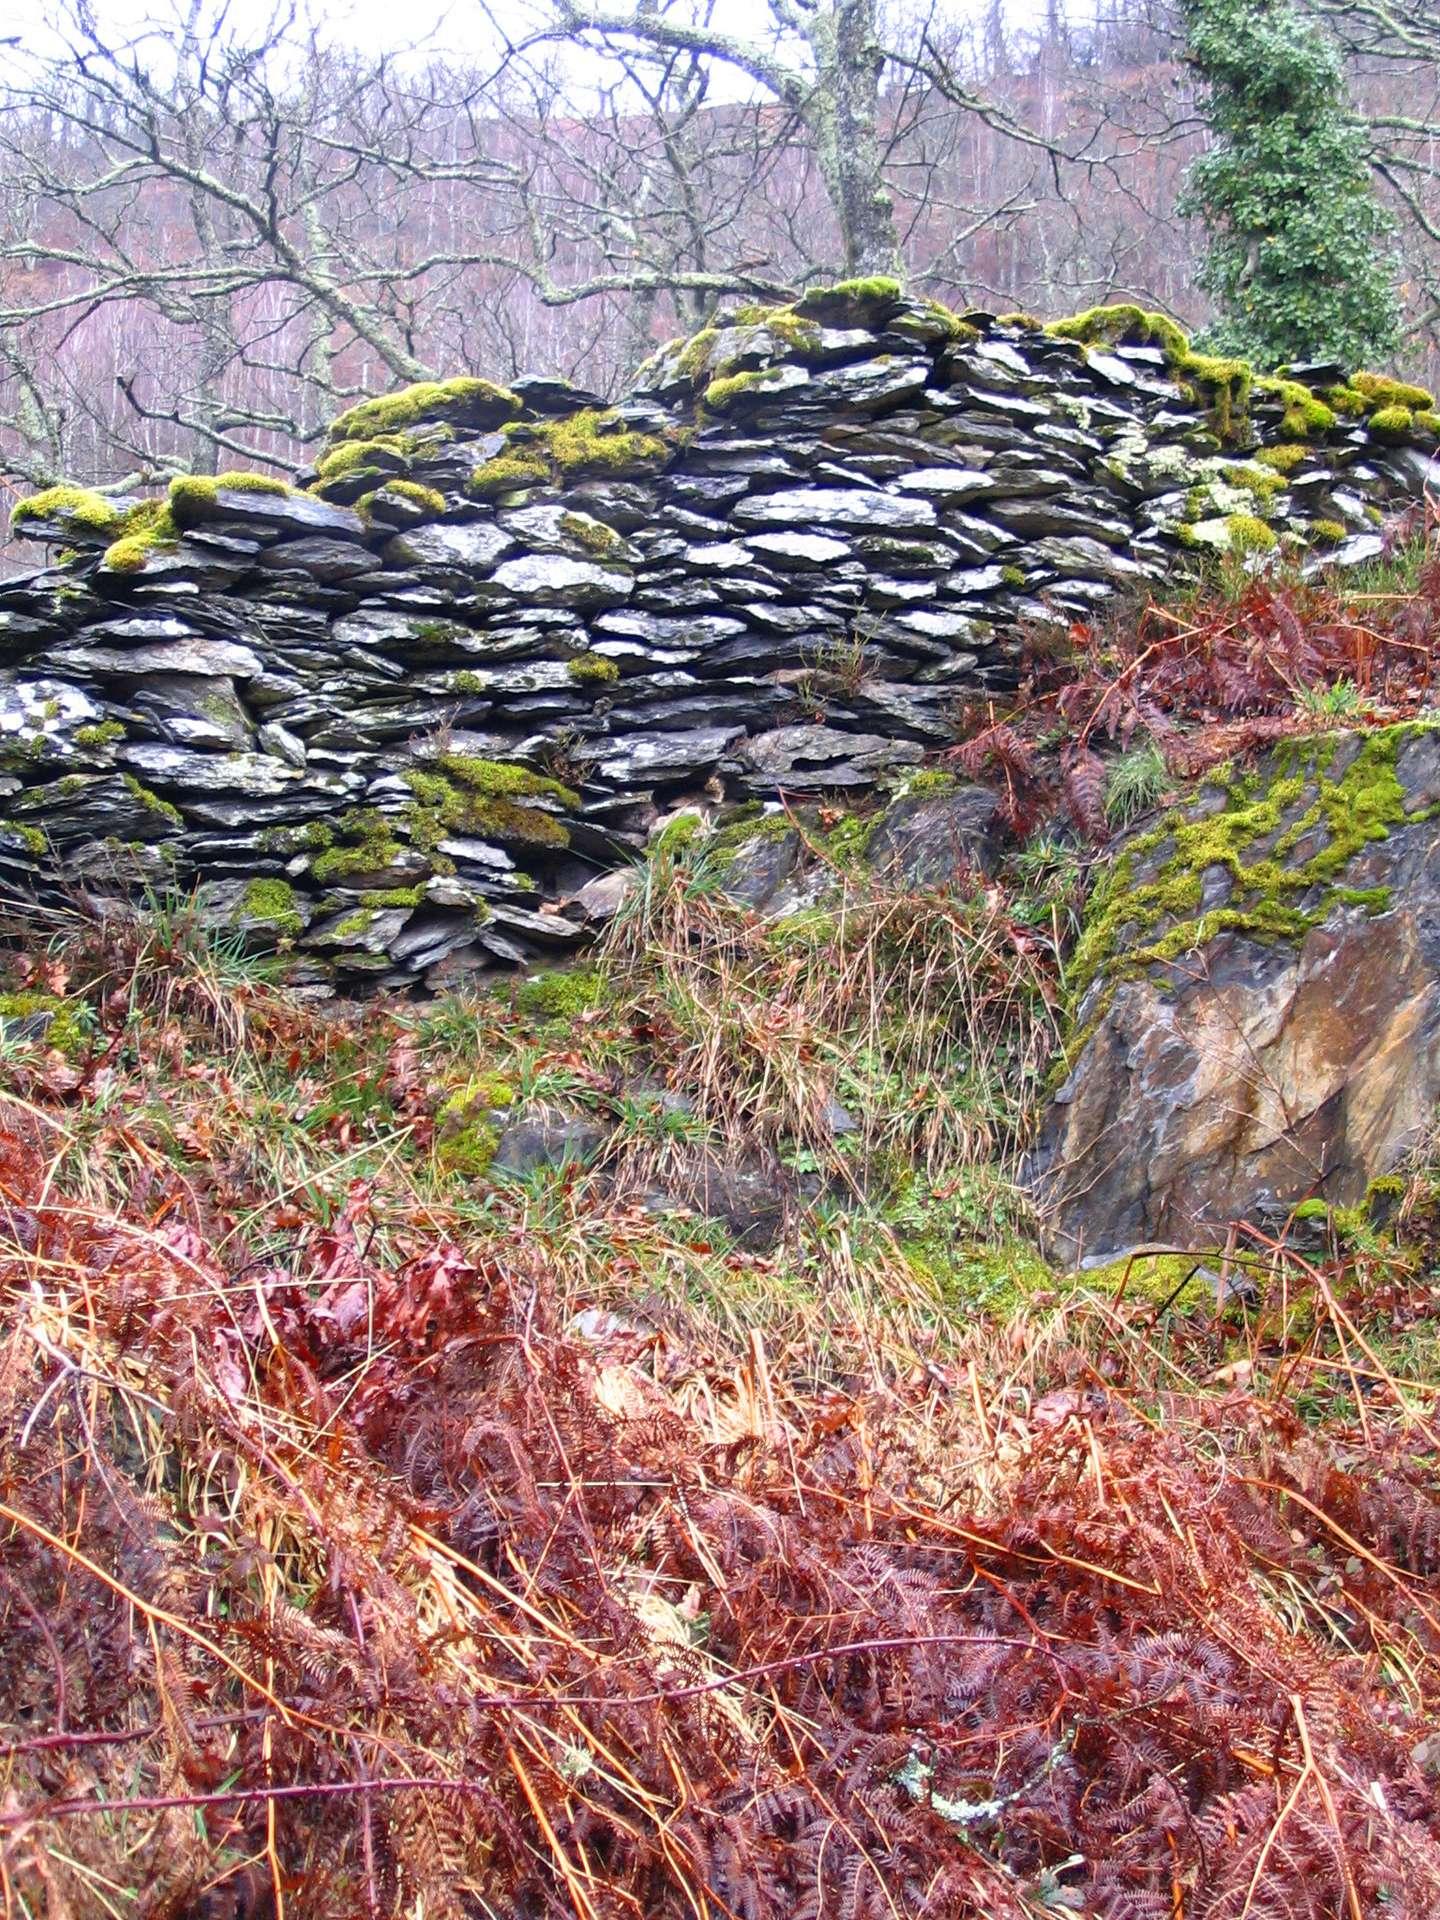 Un muret est un petit mur servant de barrière ou de clôture. © P Charpiat, CC BY-SA 3.0, Wikimedia Commons